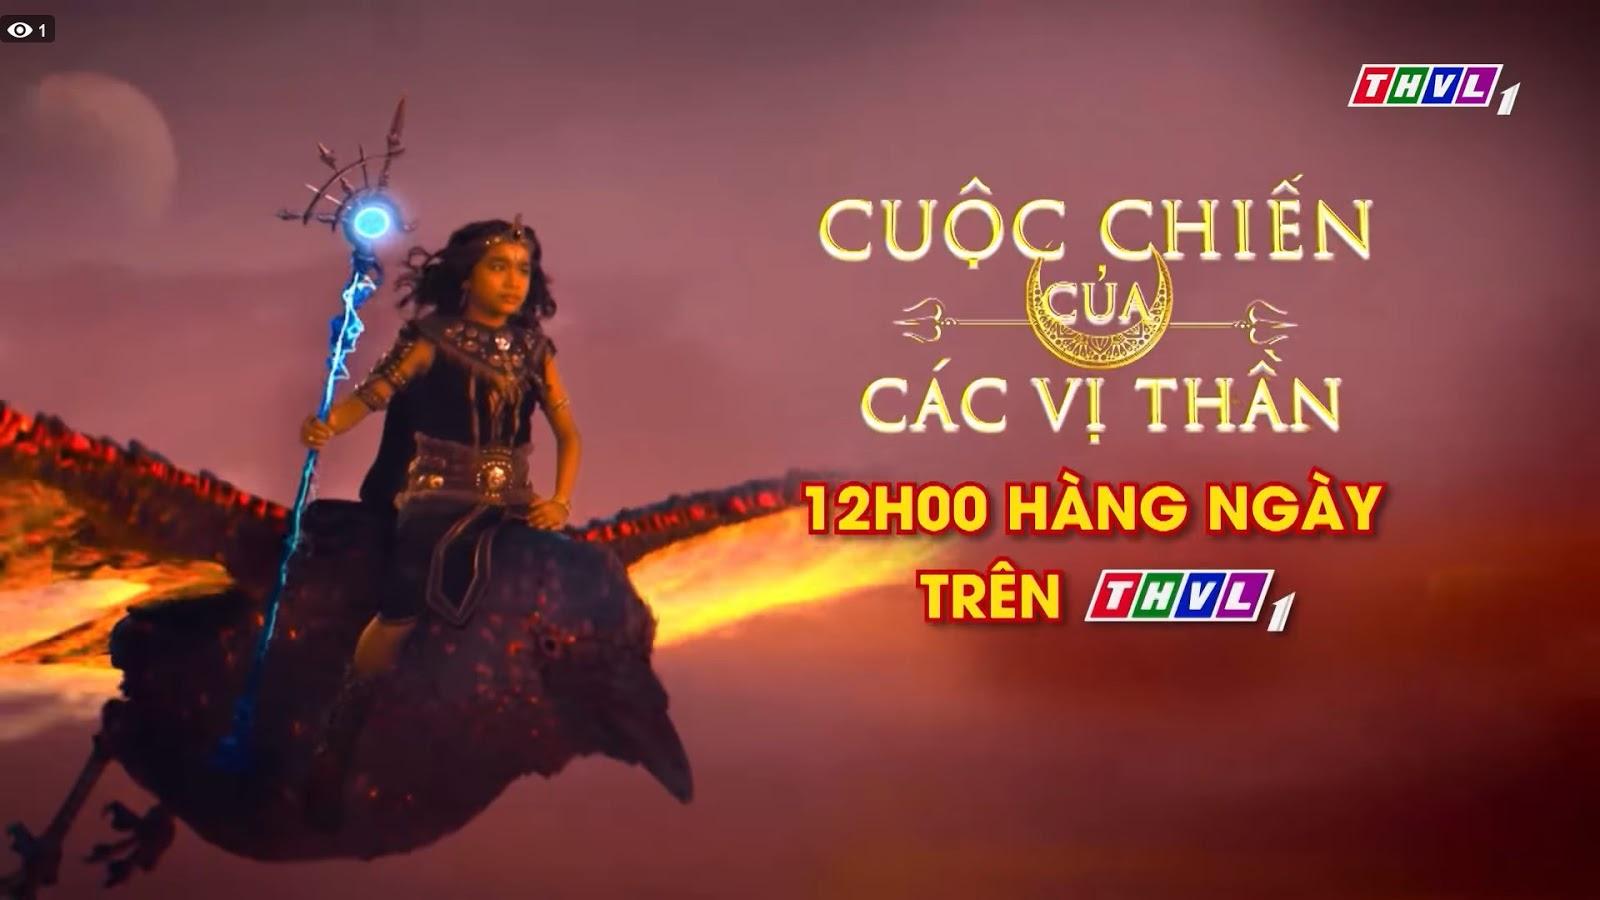 Phim Cuộc Chiến Của Các Vị Thần-THVL1 Truyền Hình Ấn Độ (2019)